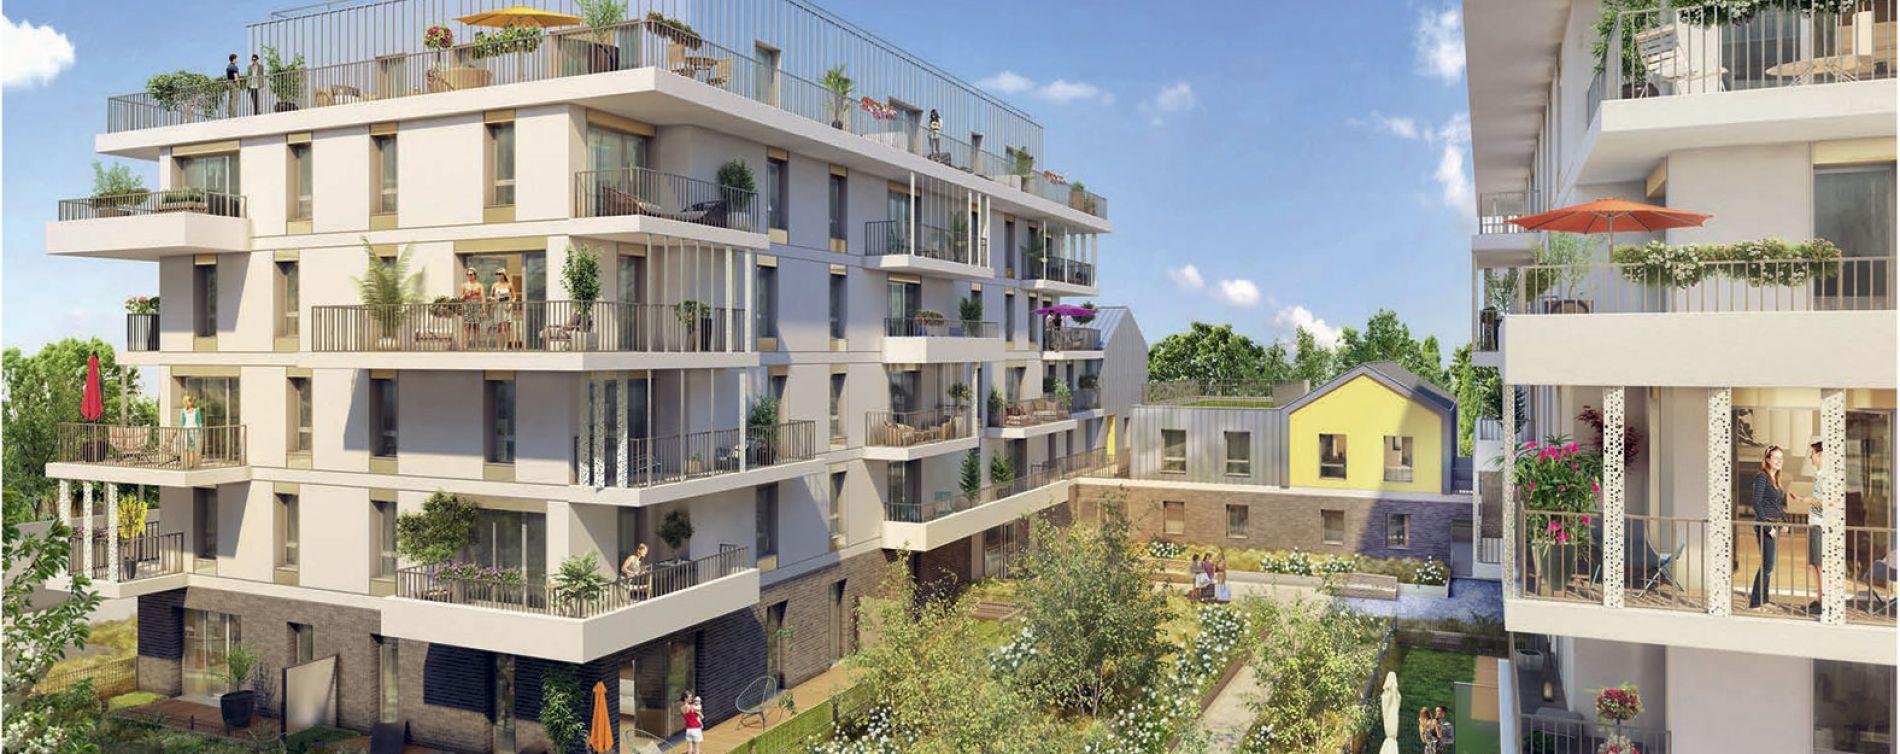 Résidence Ô Domaine - Bâtiment 2 à Rueil-Malmaison